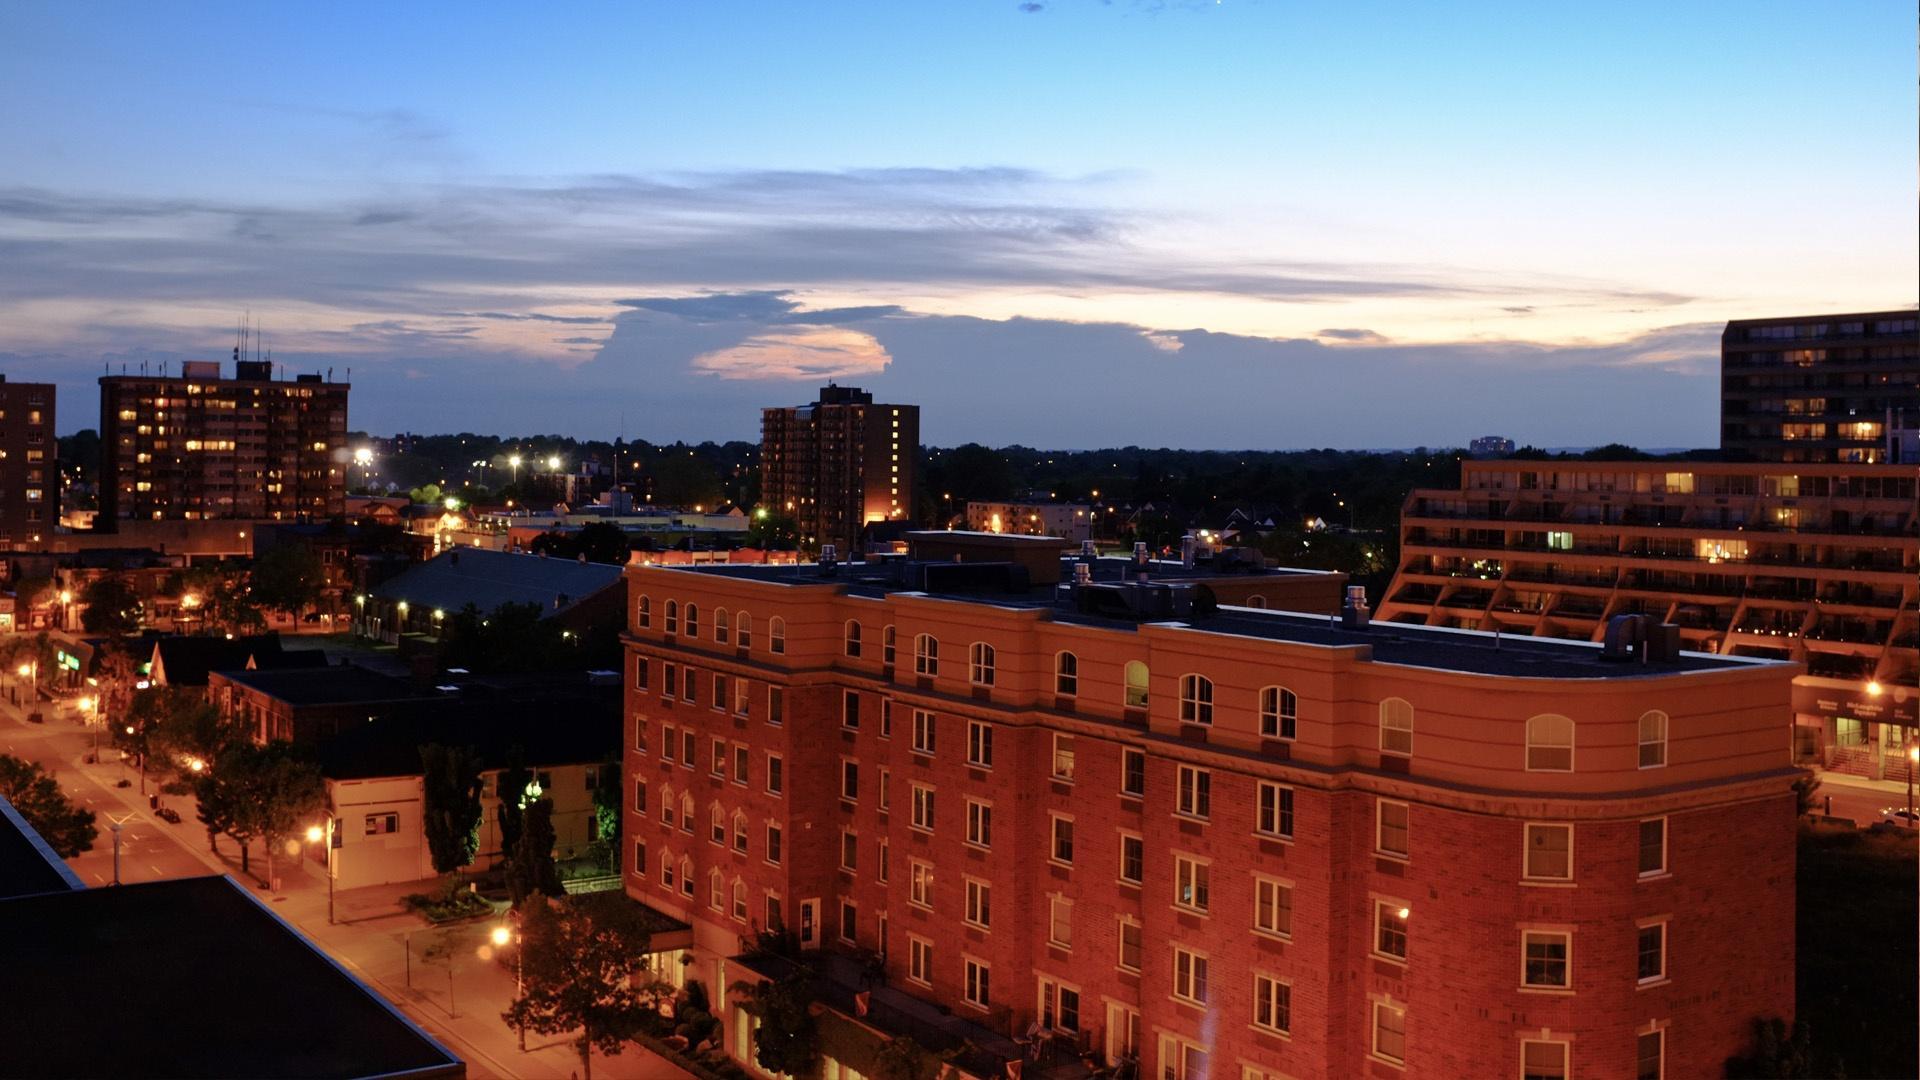 Oshawa cityscape at night